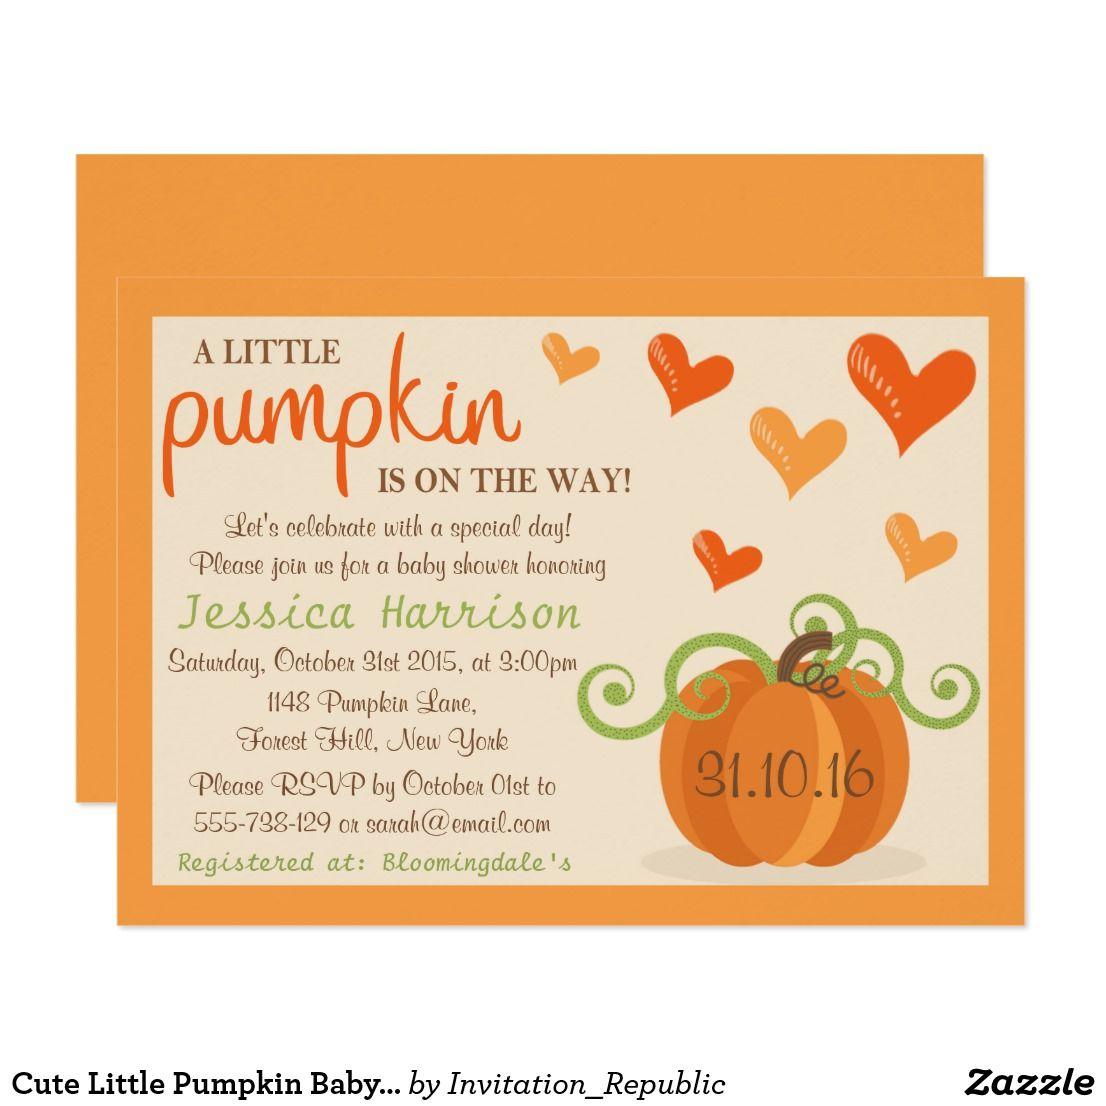 Cute Little Pumpkin Baby Shower Invitations Cute Little Pumpkin ...